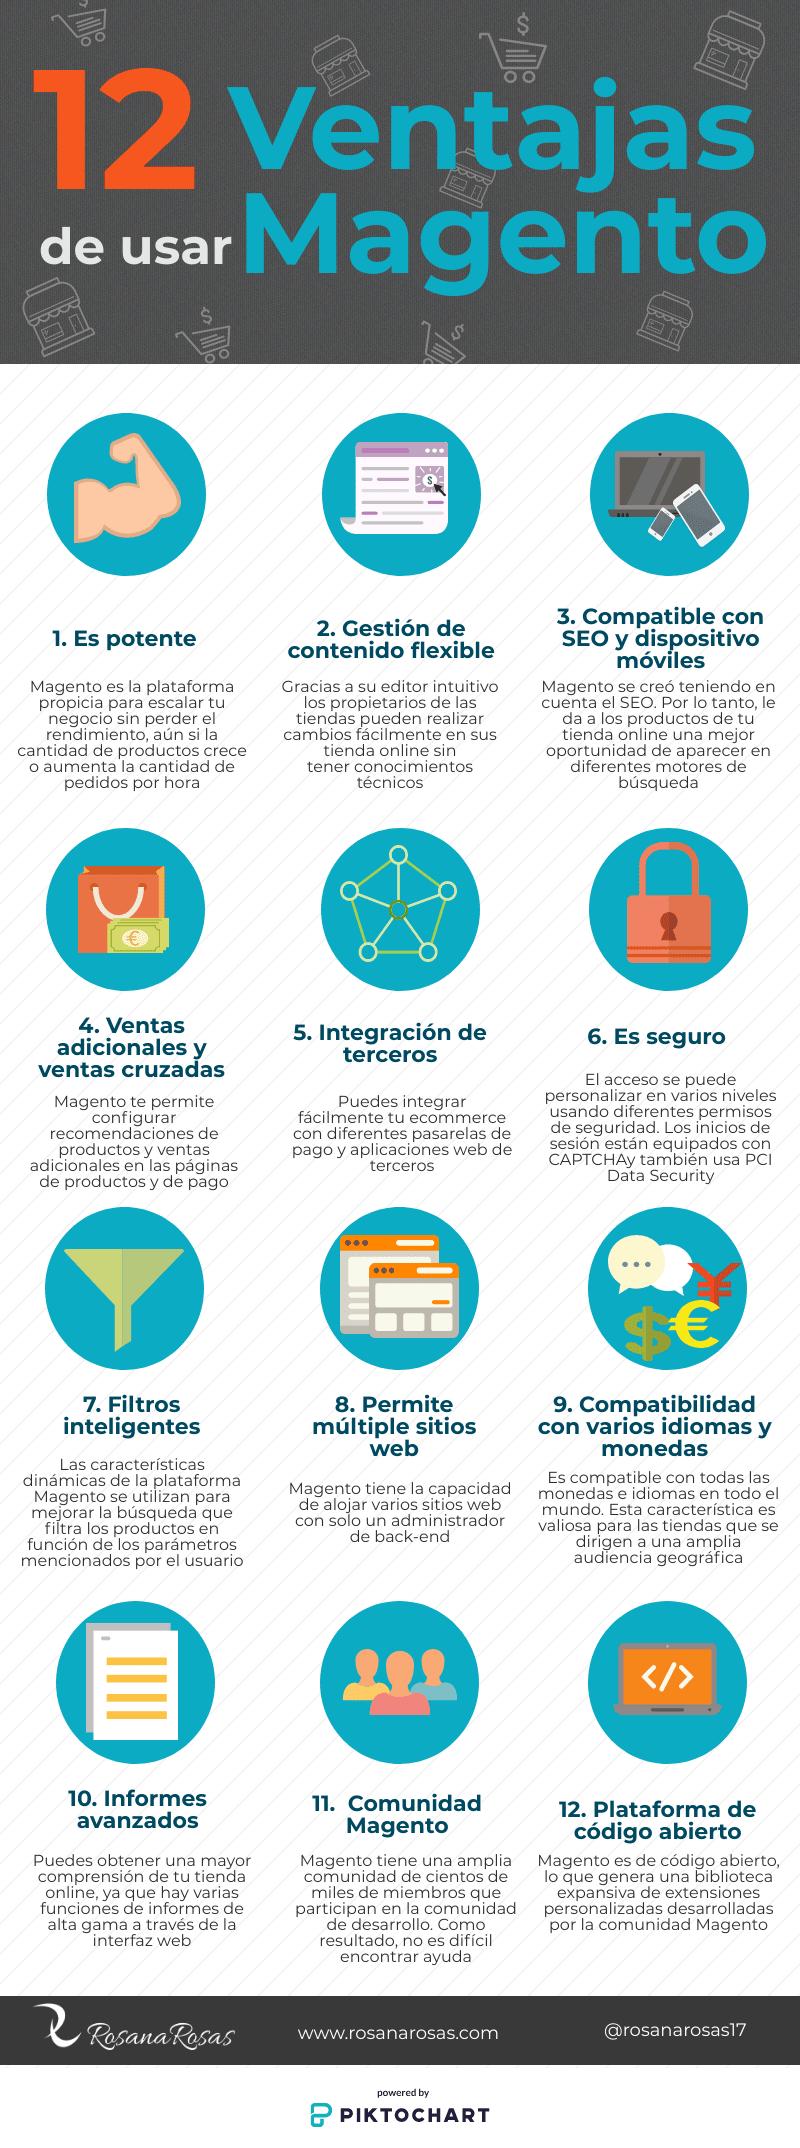 infografia ventajas de usar magento